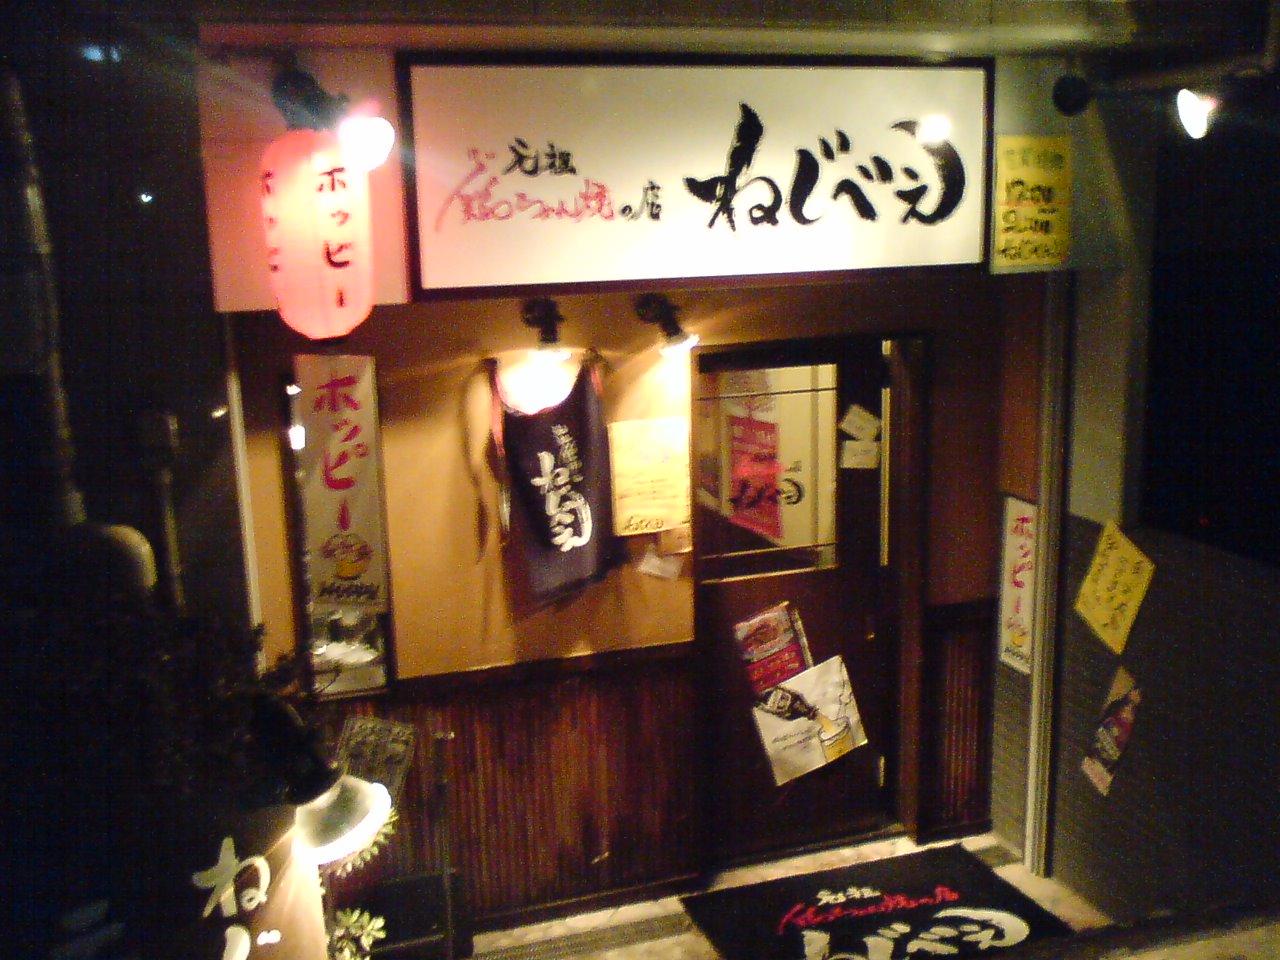 ねじべえ 月島店